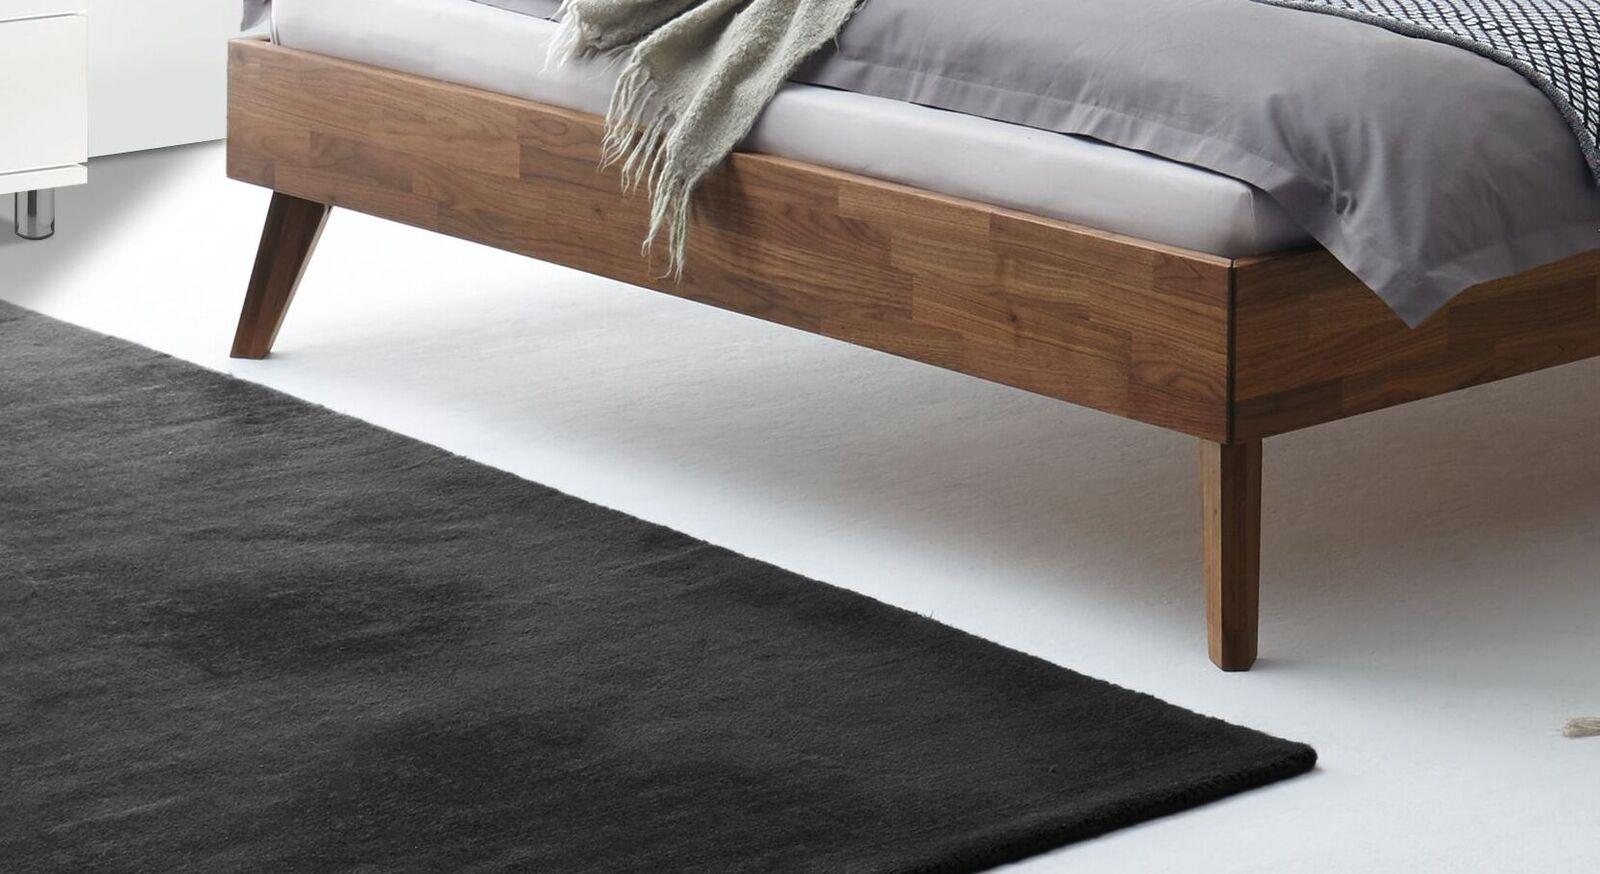 Bett Coraia mit ausgestellten Bettbeinen